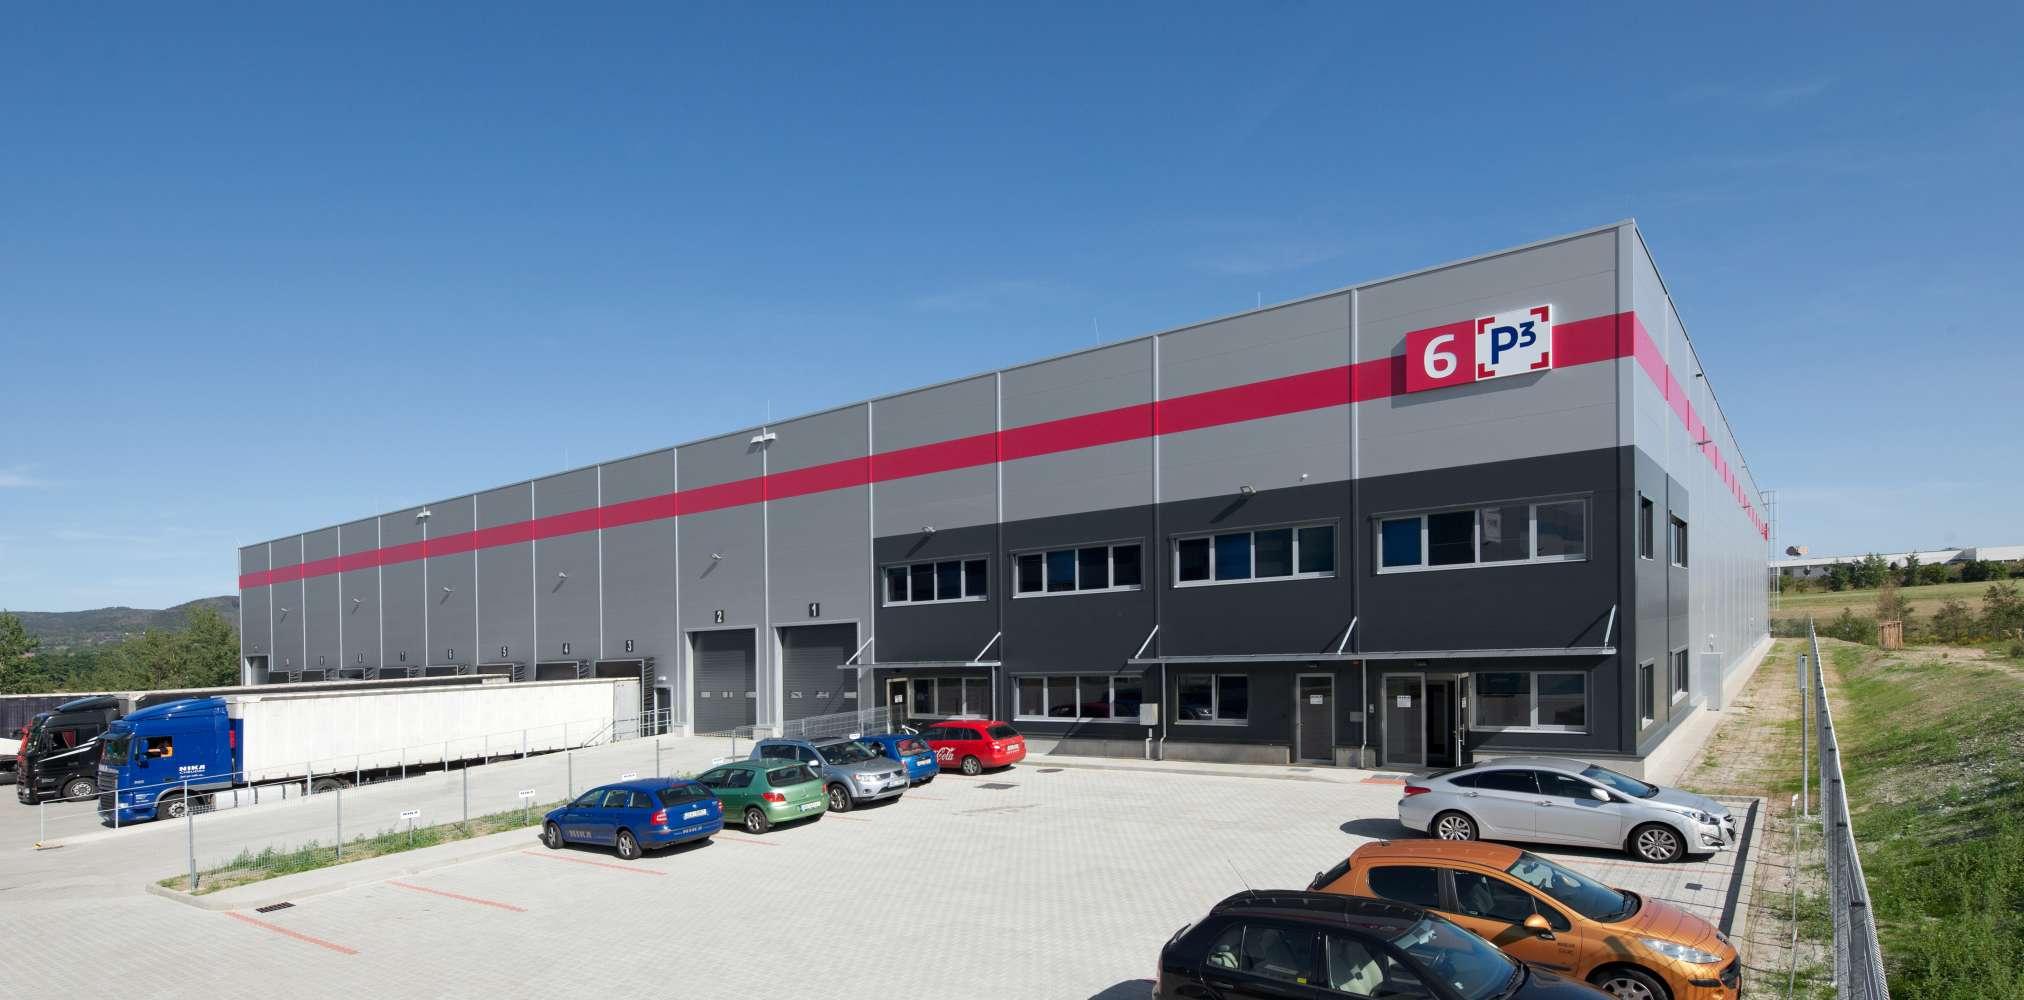 Průmyslové nemovitosti Liberec,  - P3 Liberec - 171398598233694